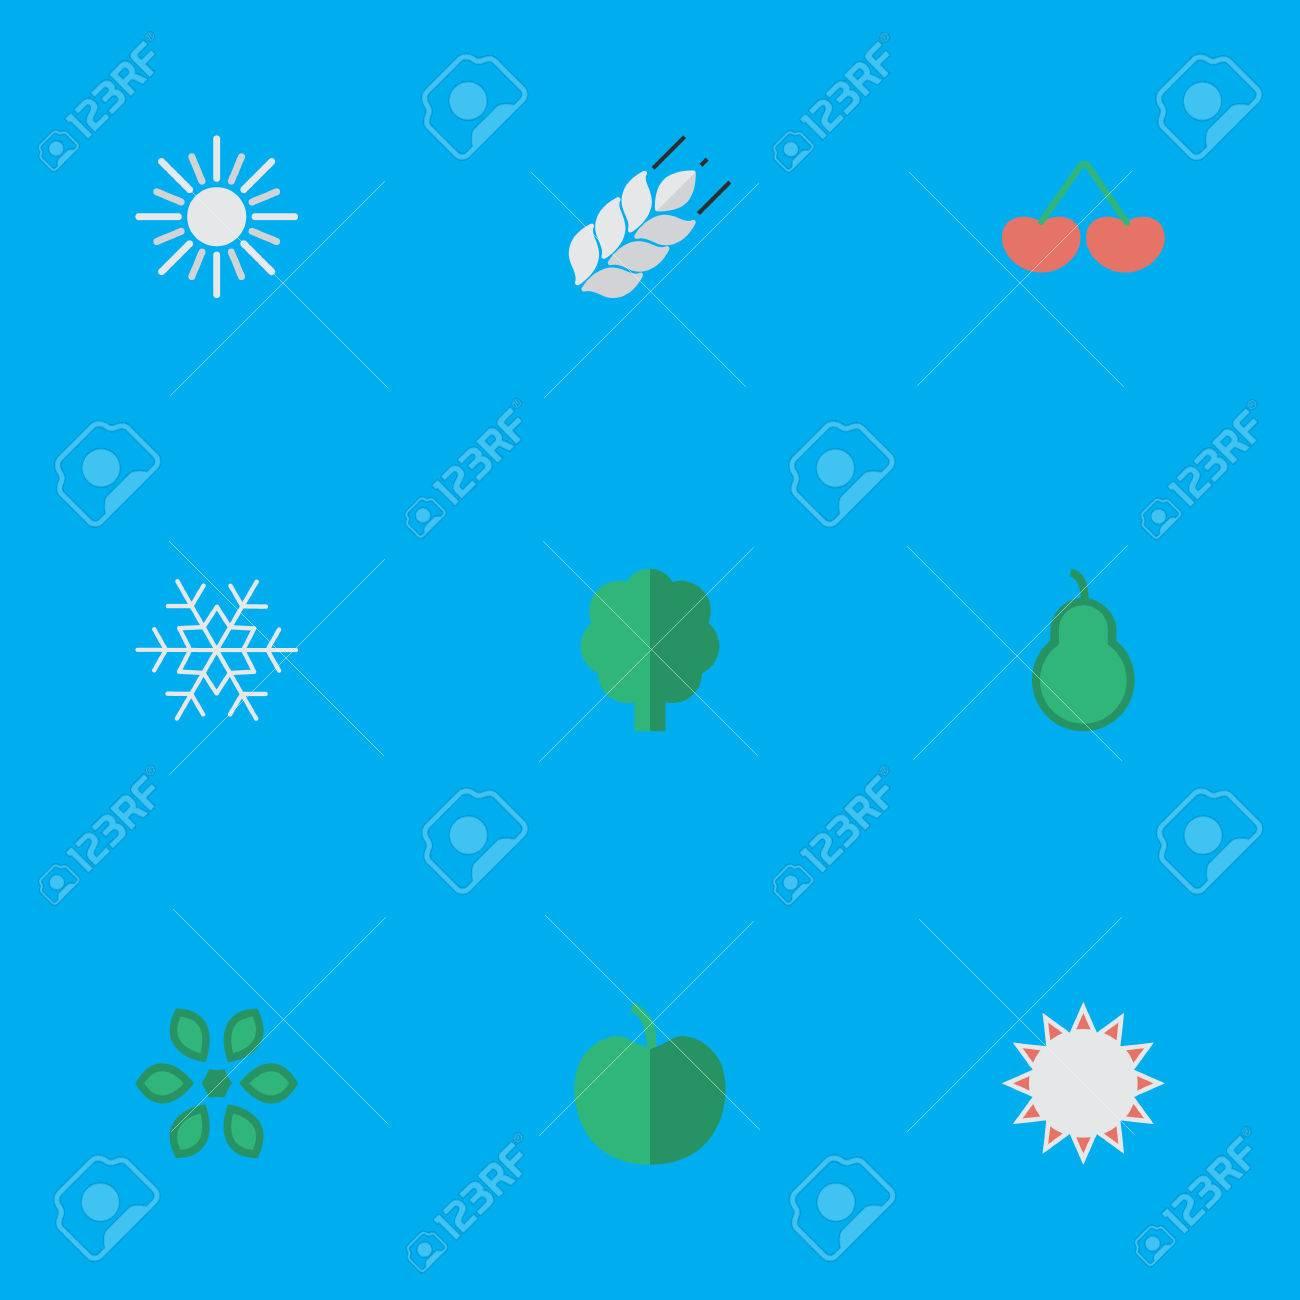 簡単な園芸アイコンのベクター イラスト セット雪サンドバッグ果物